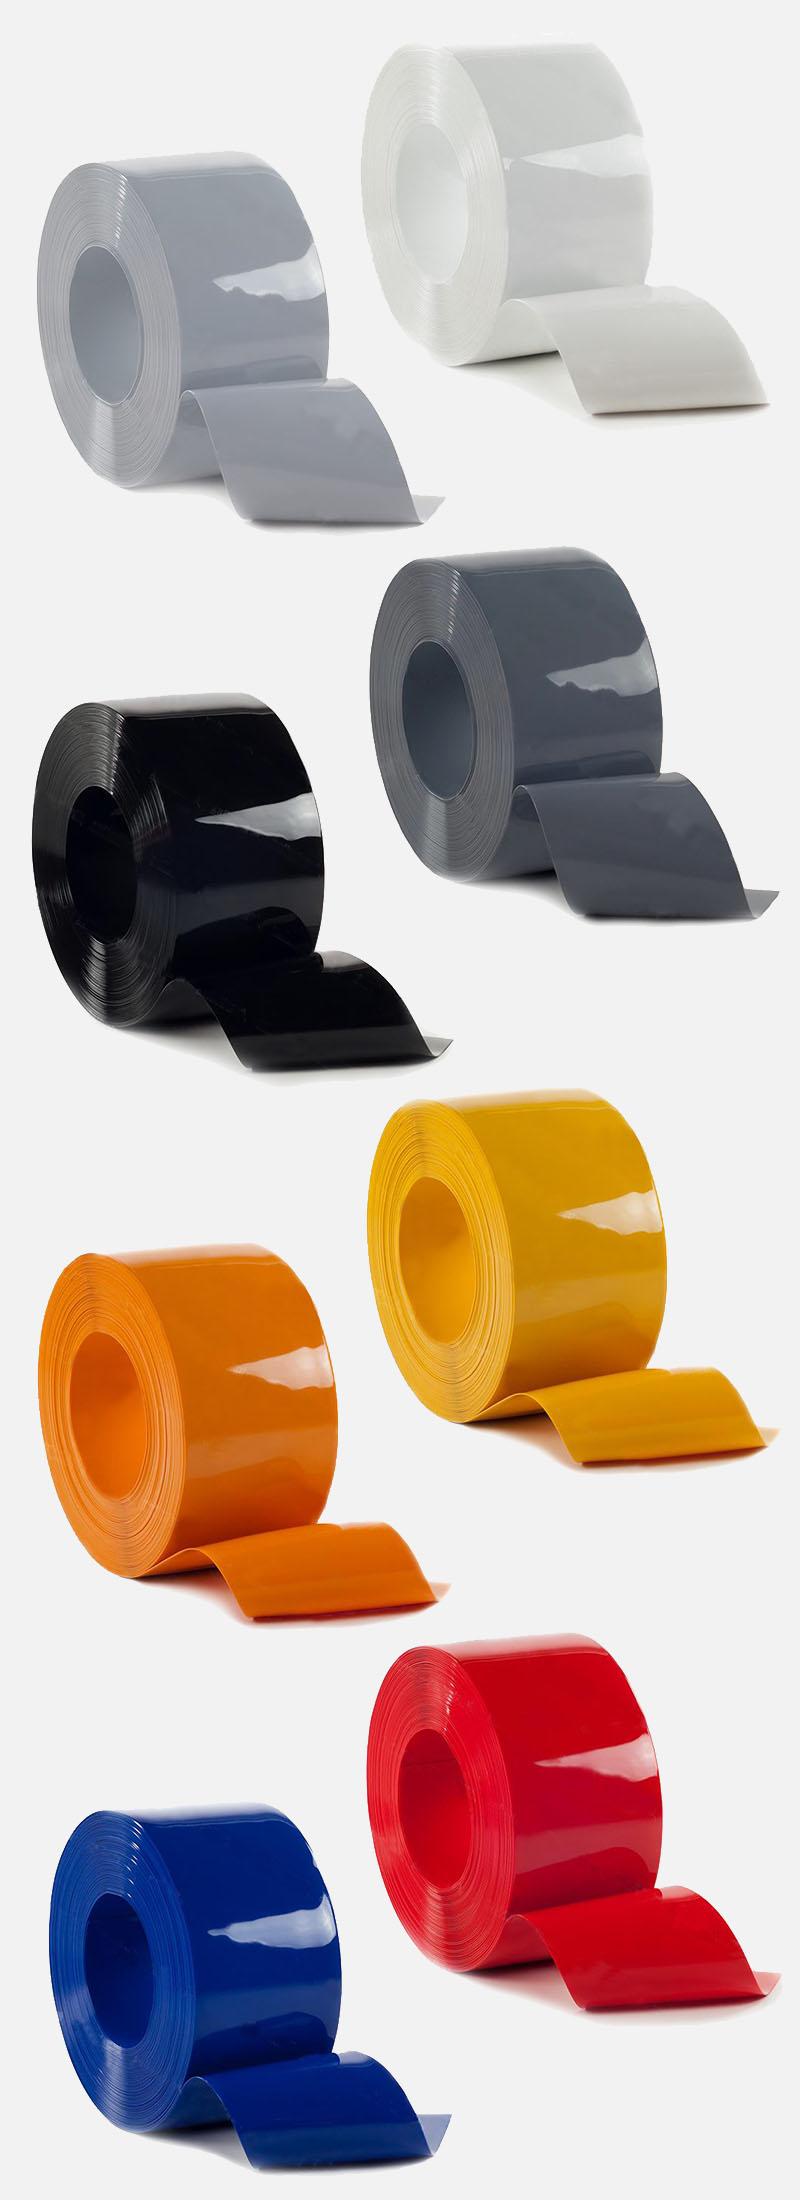 nieprzezroczyste pasy PCV kolorowe: białe, jasnoszare, ciemnoszare, czarne, żółte, pomarańczowe, czerwone a także niebieskie